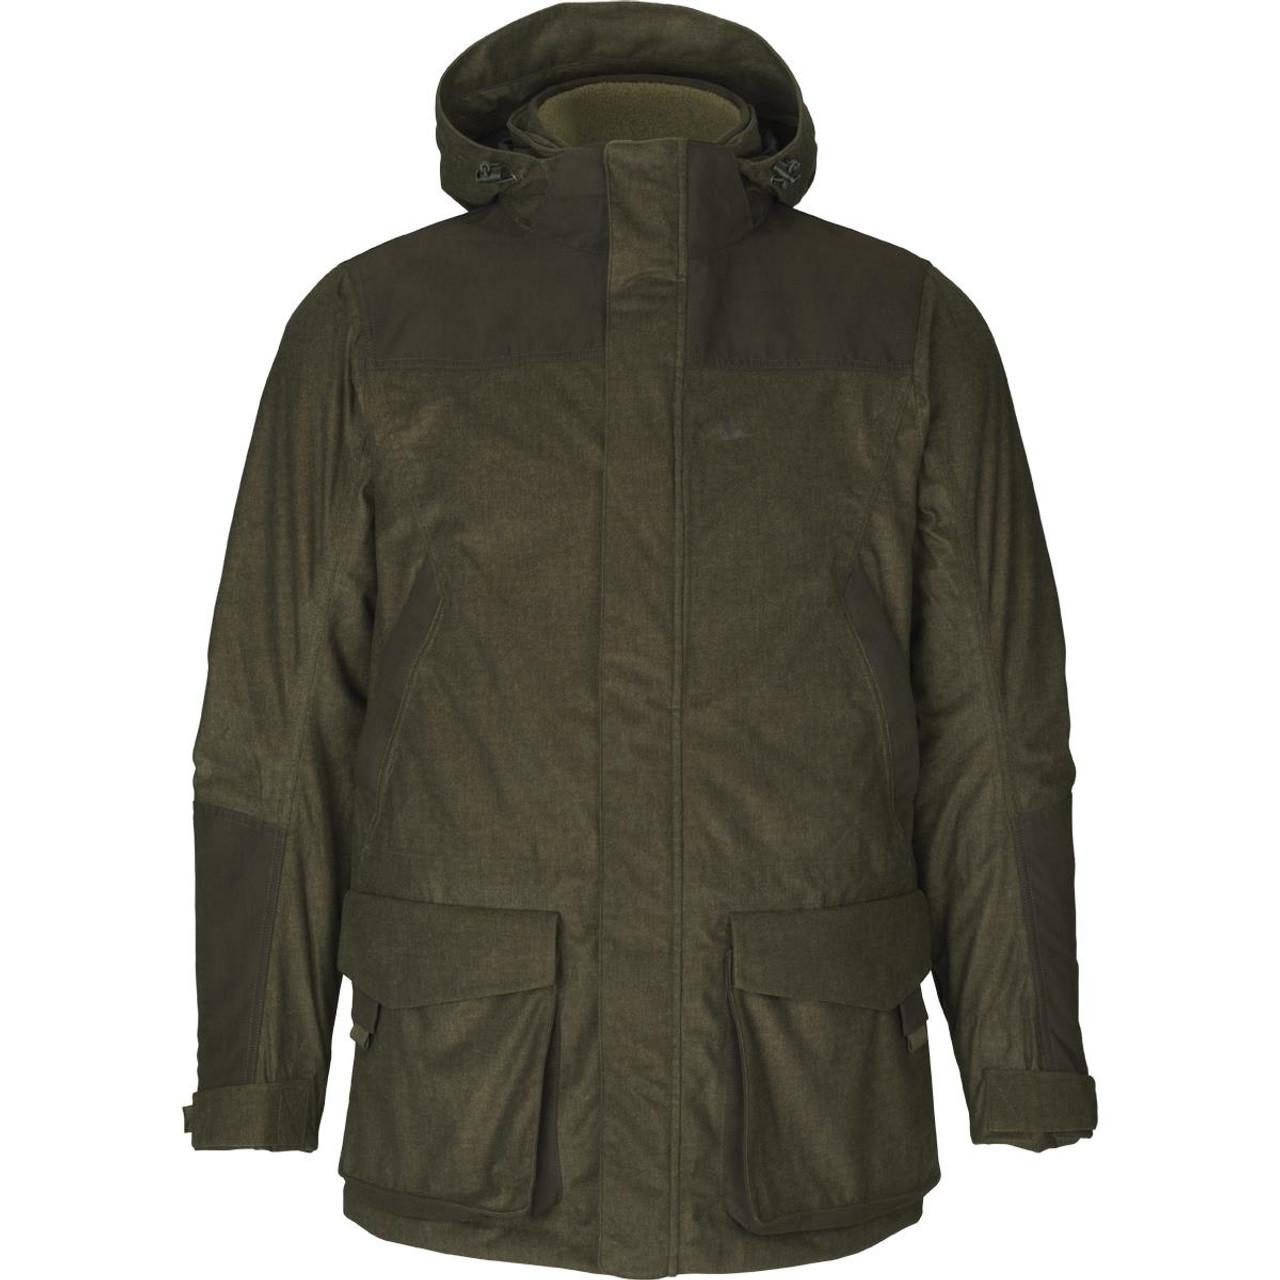 Seeland North Jacket